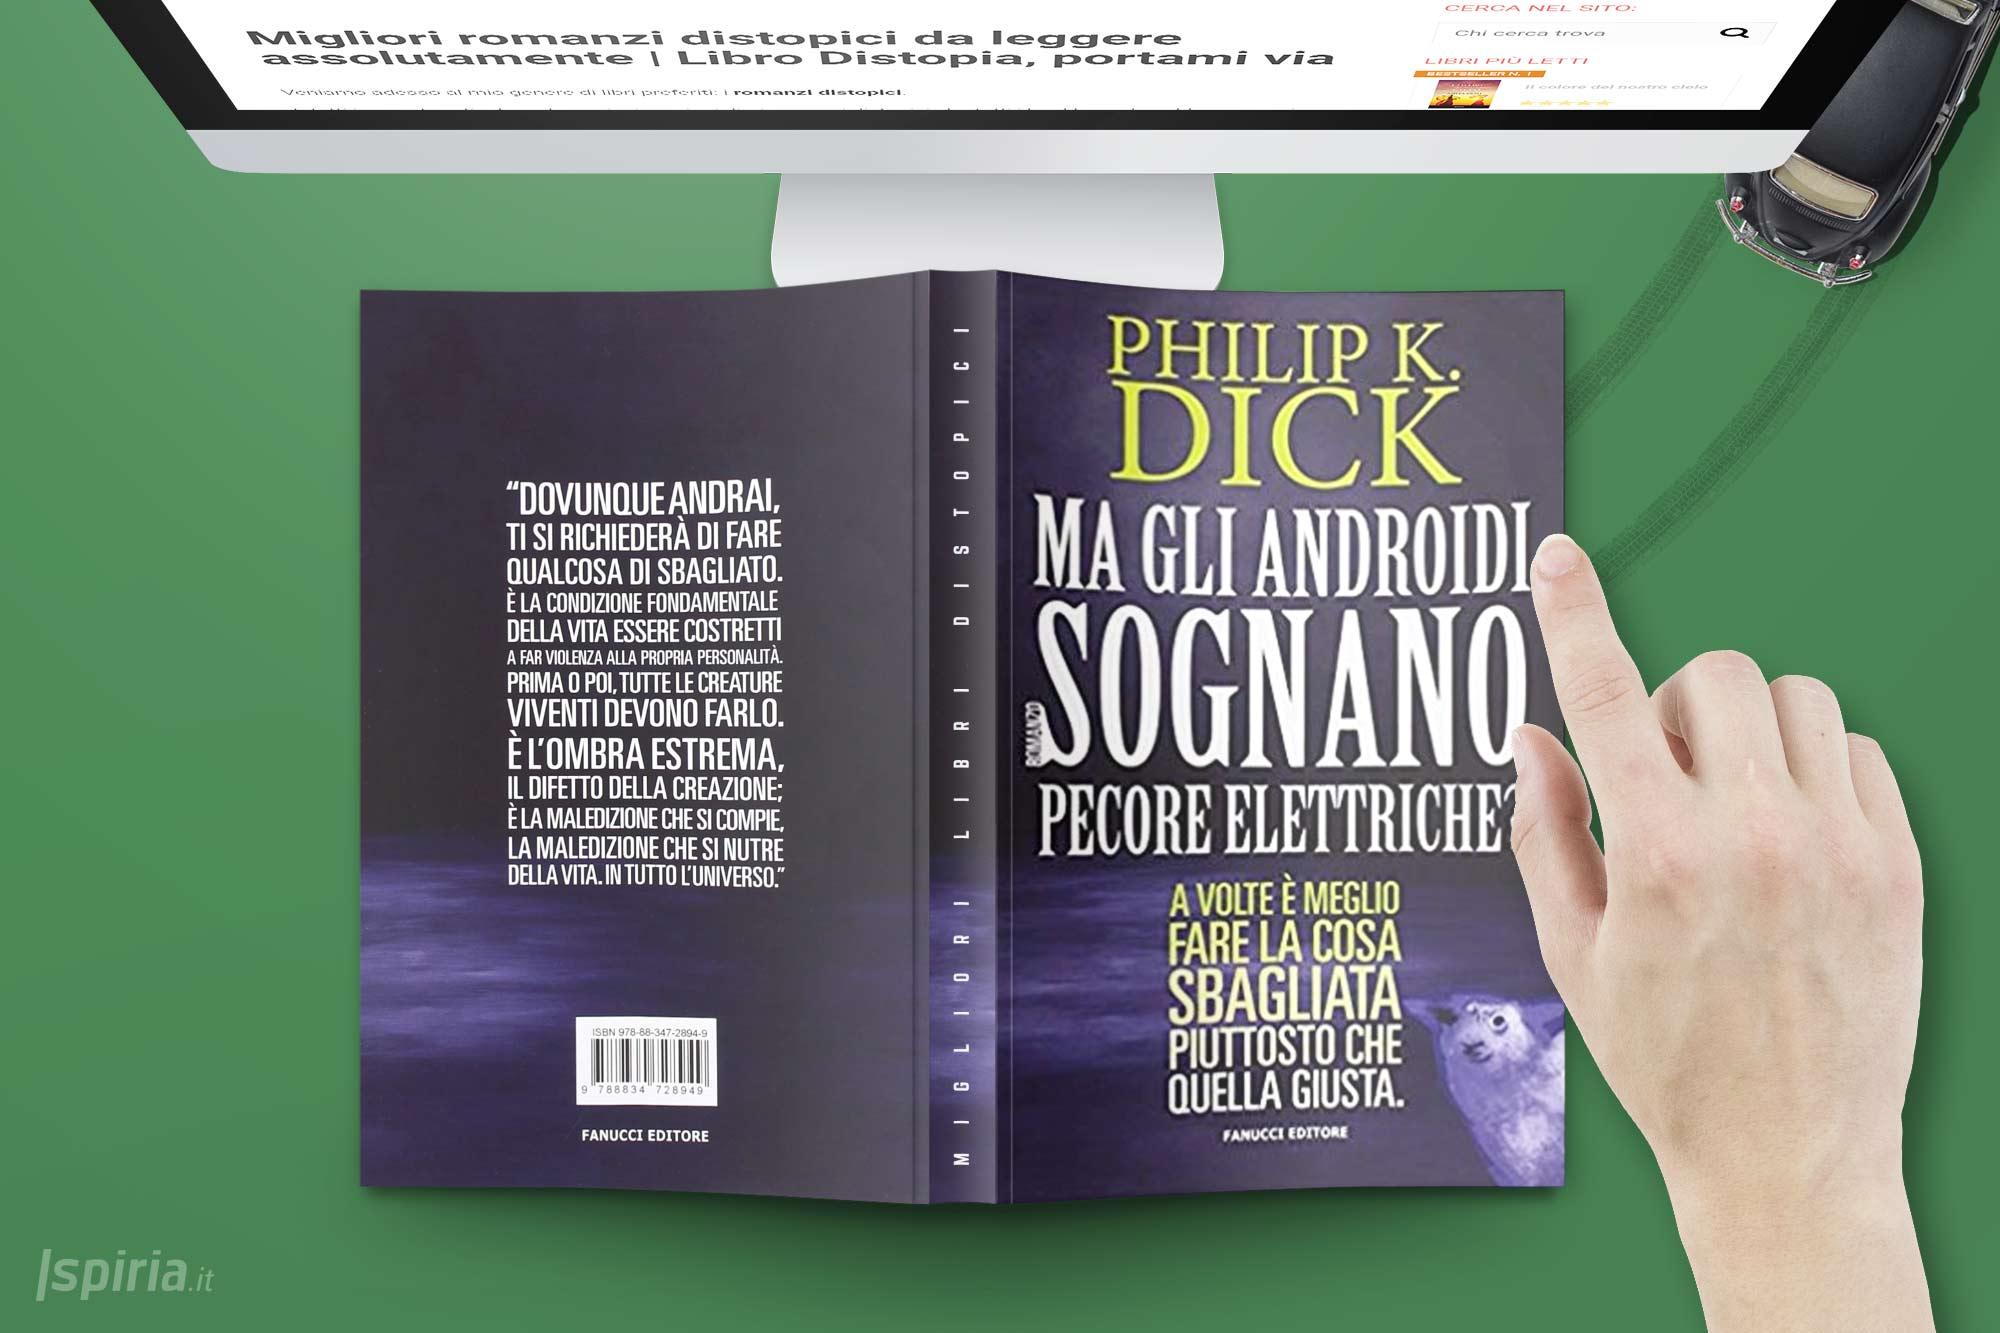 Libro-distopico-dick-pecore-elettriche-androidi